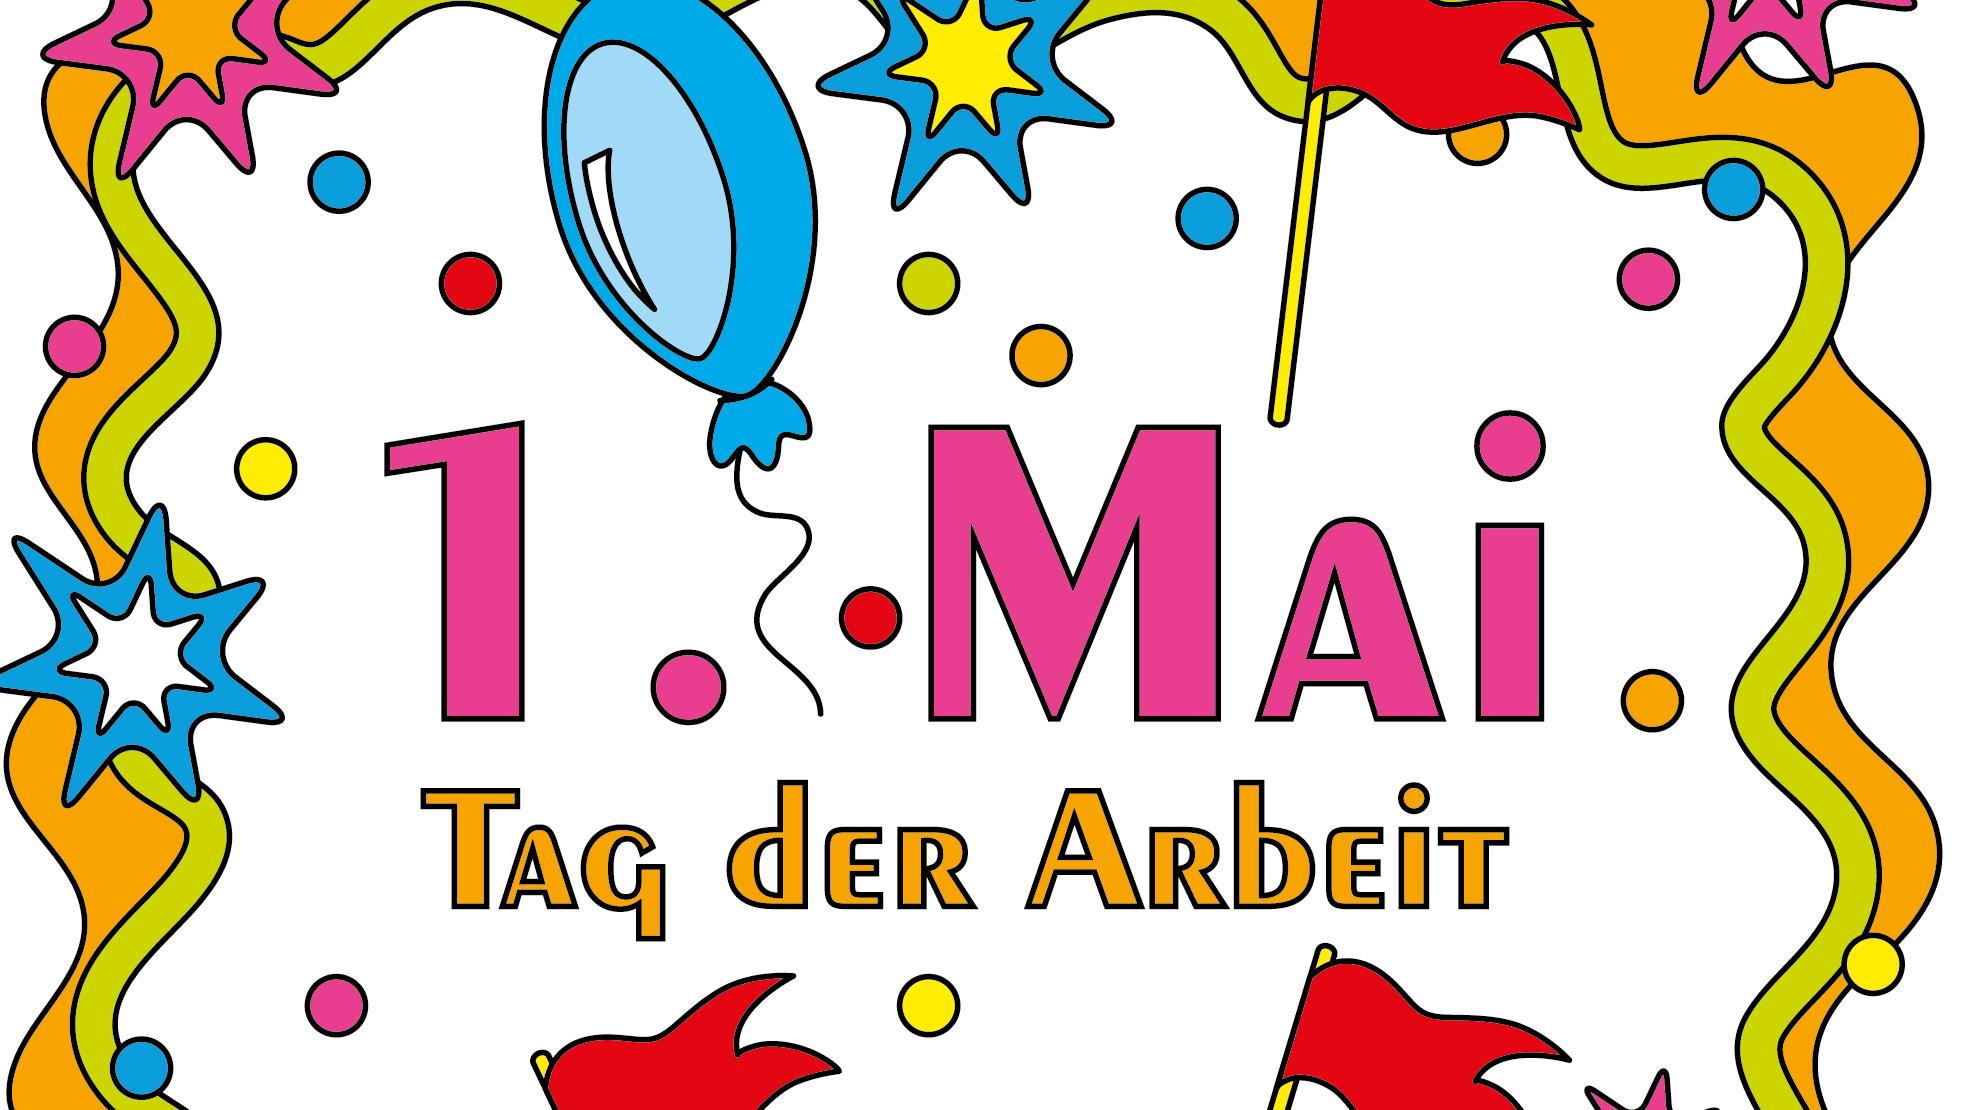 https://digitalpeoplemanagement.de/wp-content/uploads/2021/04/tag_der_arbeit_in_deutschland_-_bild_20140112_1636269723-e1619694602691.jpg